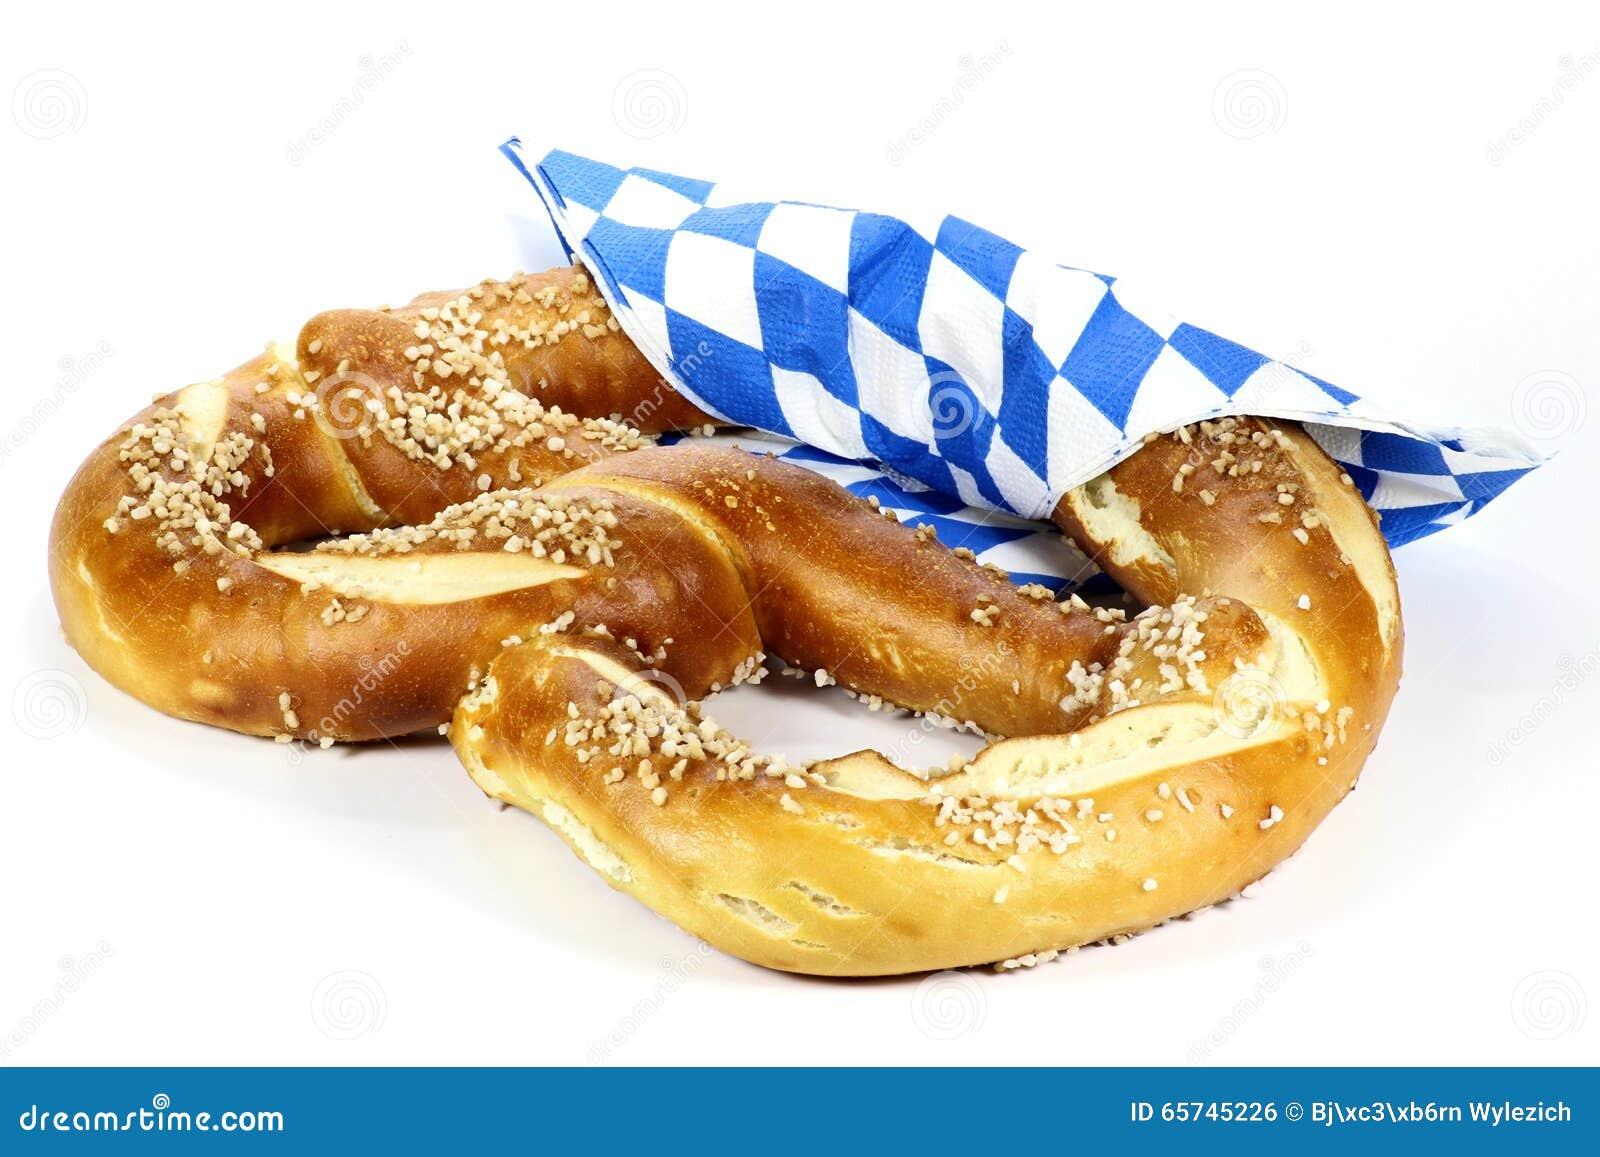 Oktoberfest Pretzel Stock Photo - Image: 65745226